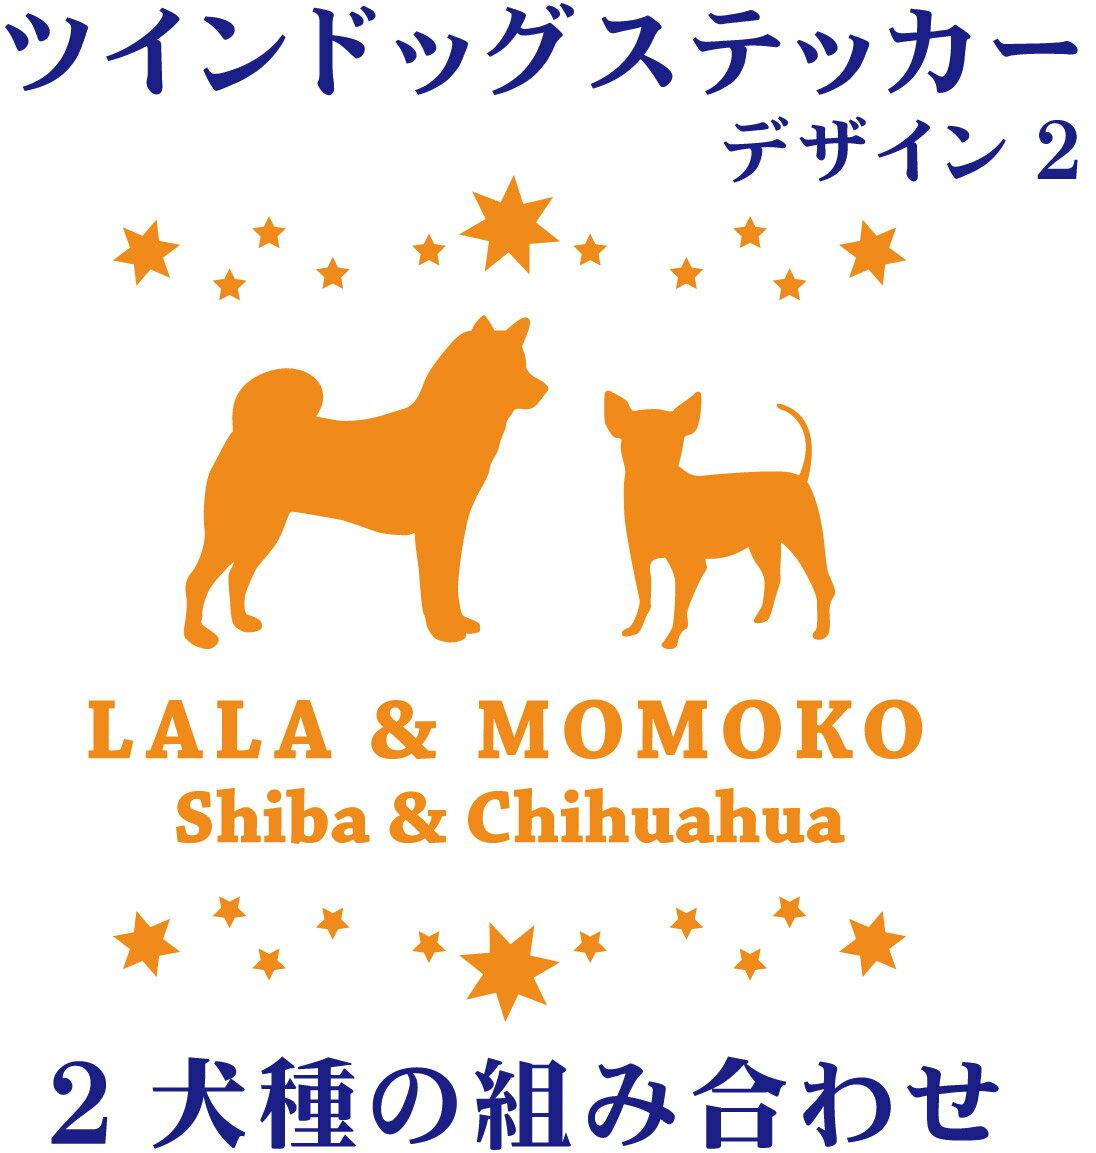 【 7月度月間優良ショップ選出 】 ツインステッカー デザイン2ペア ステッカー 2犬種の組み合わせ犬種名 ペットネーム入り 2頭デザイン